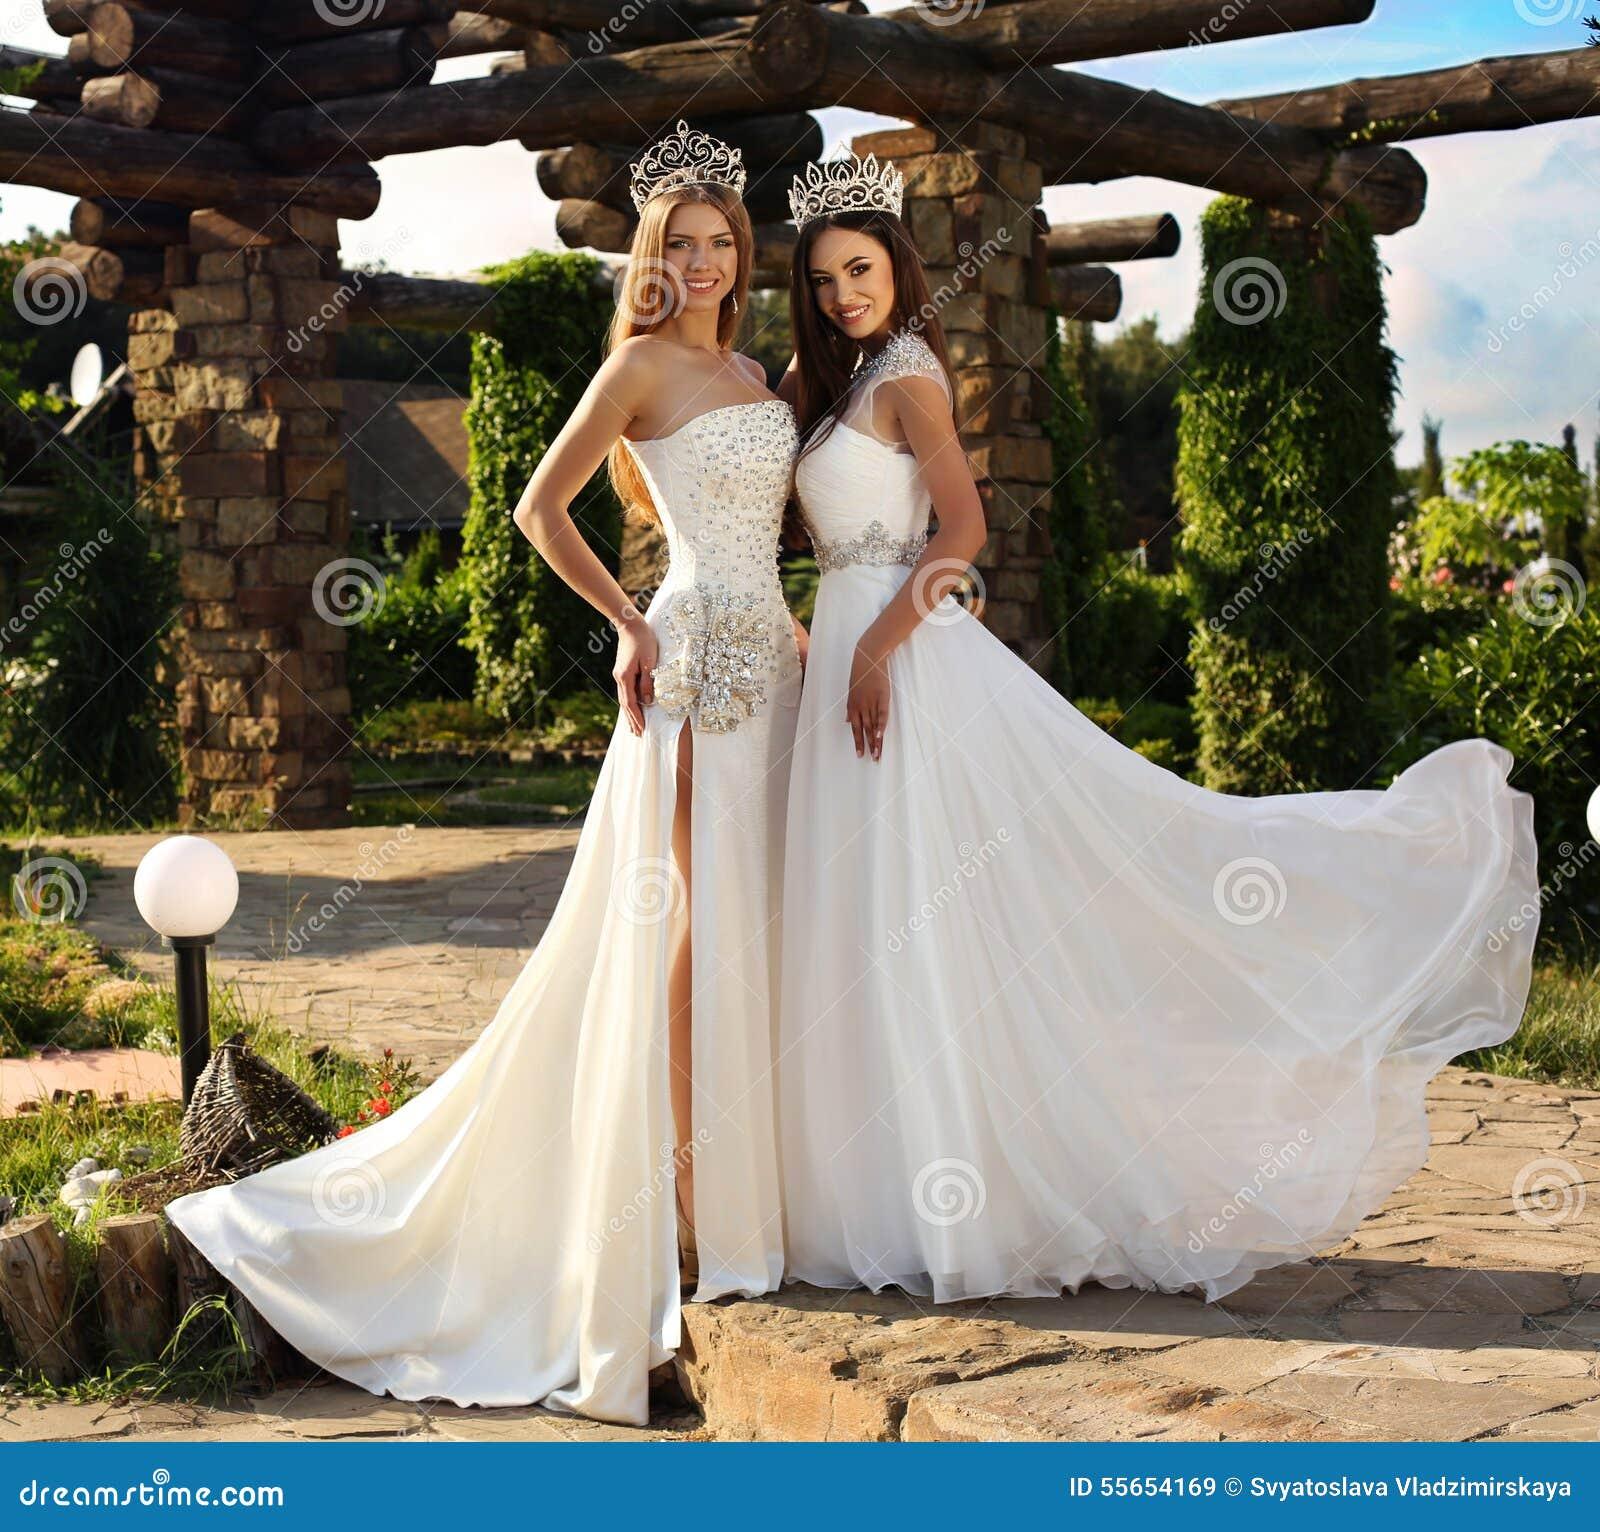 Hermosas Los La Corona Vestidos Llevan Muchachas Elegantes Y Que WbeIYEDH92